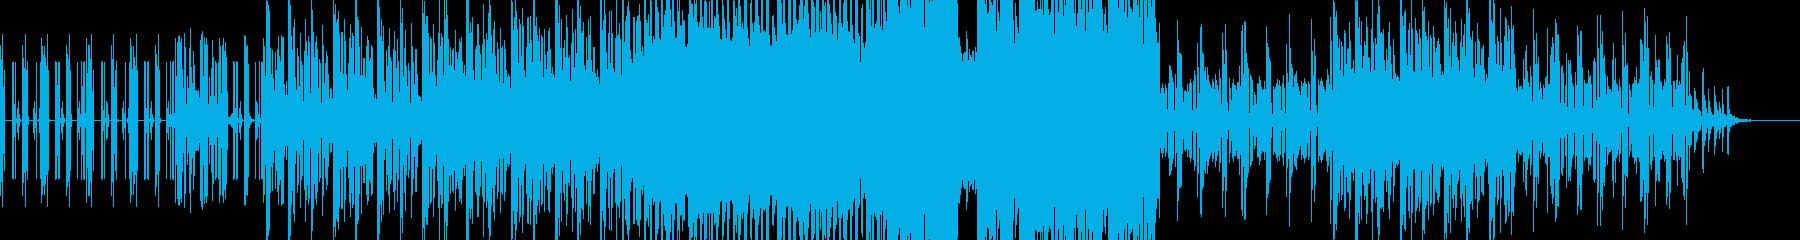 ピアノメインのダークなダブステップの再生済みの波形